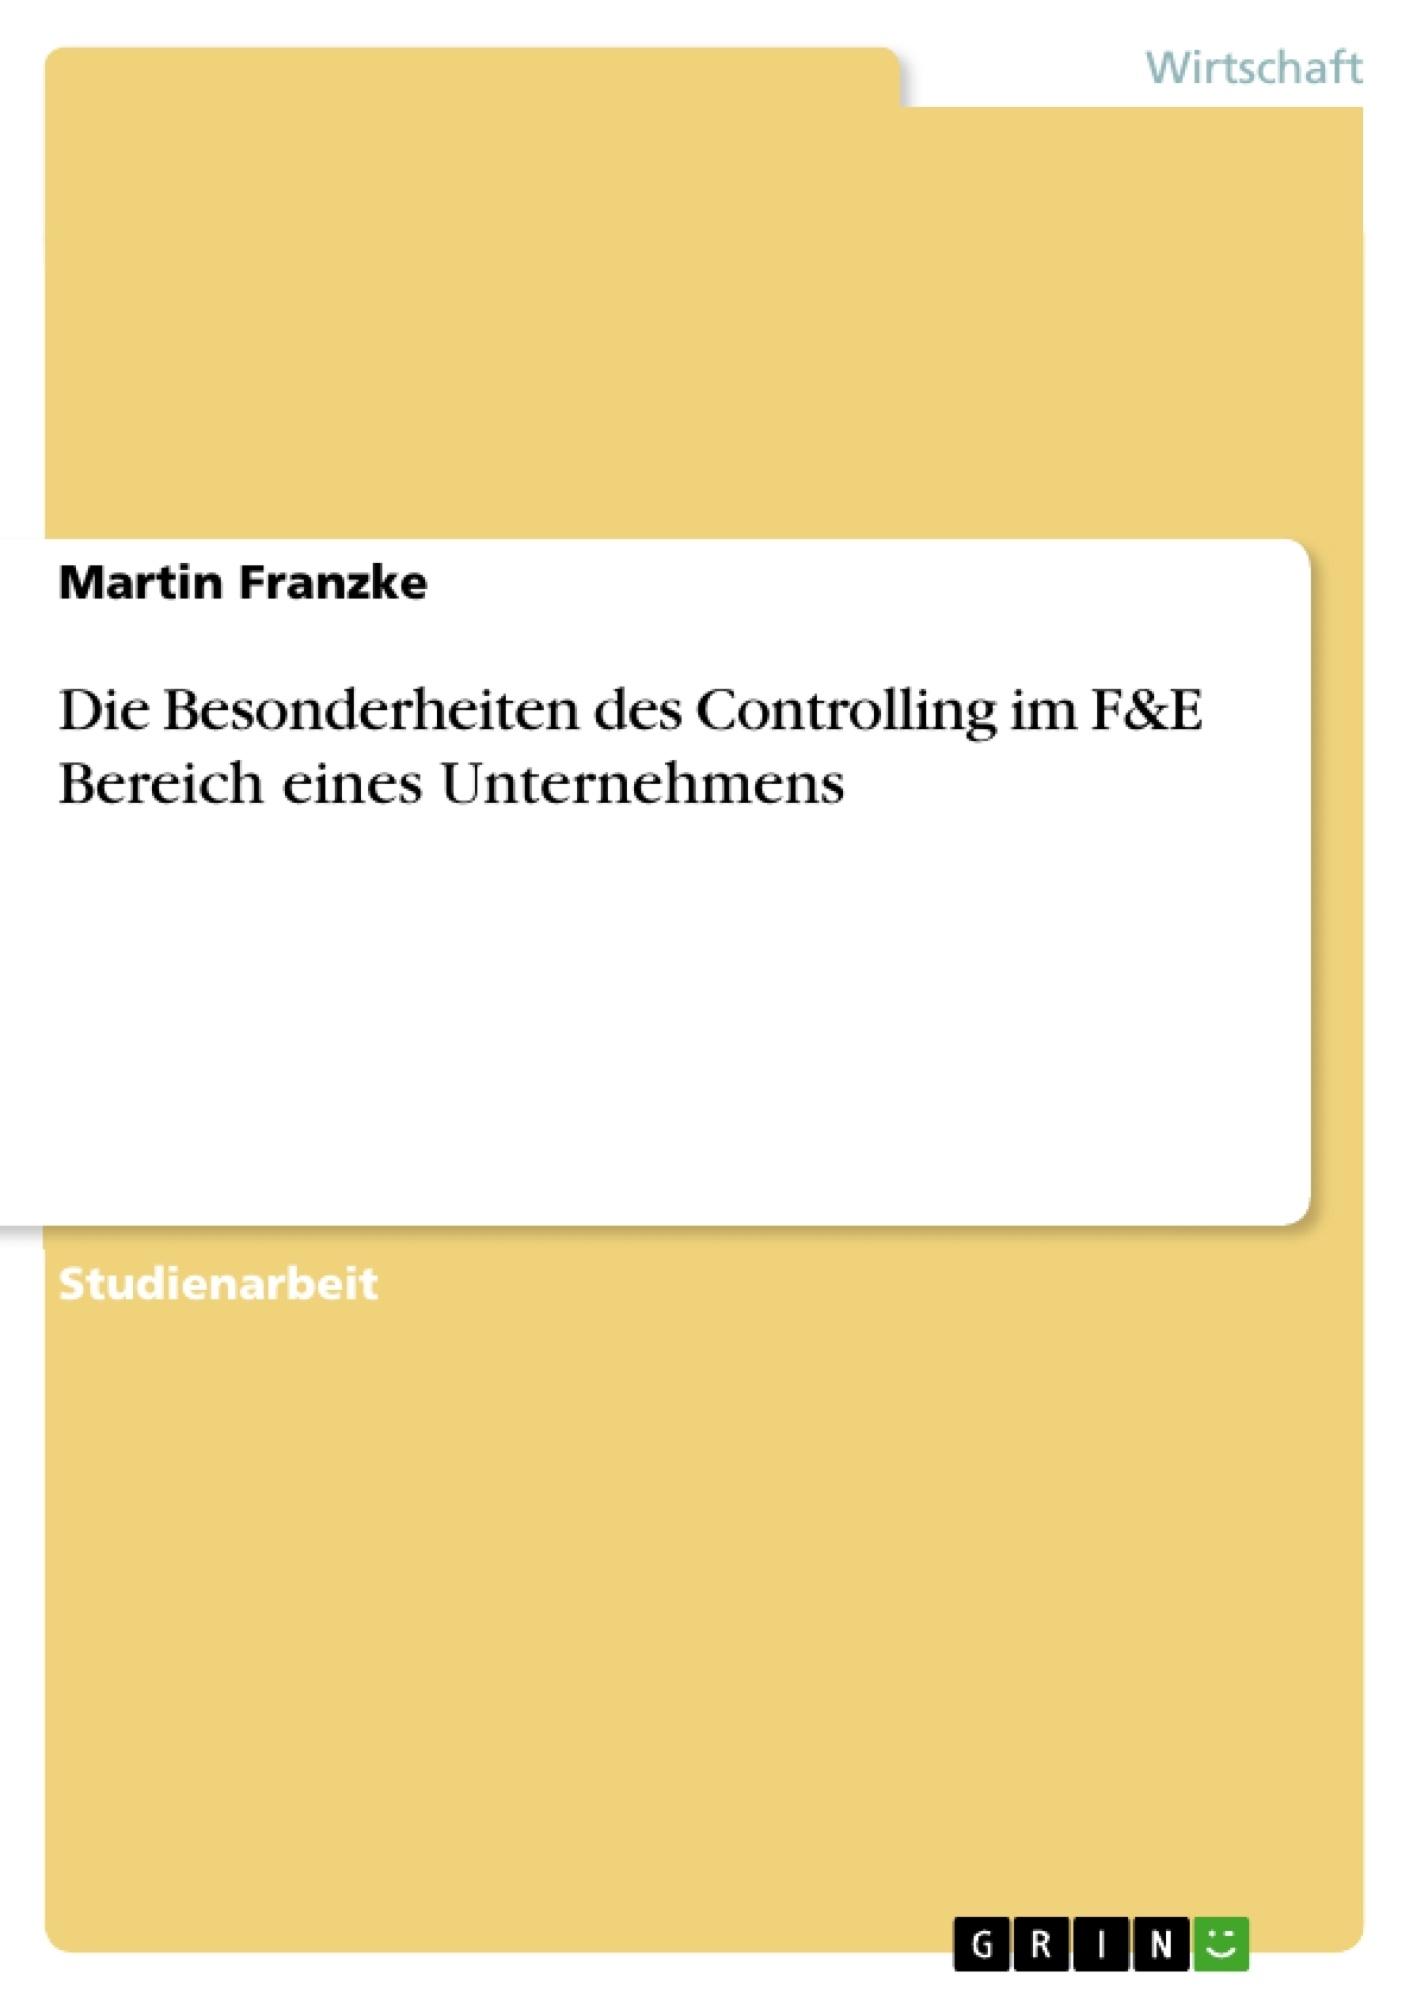 Titel: Die Besonderheiten des Controlling im F&E Bereich eines Unternehmens